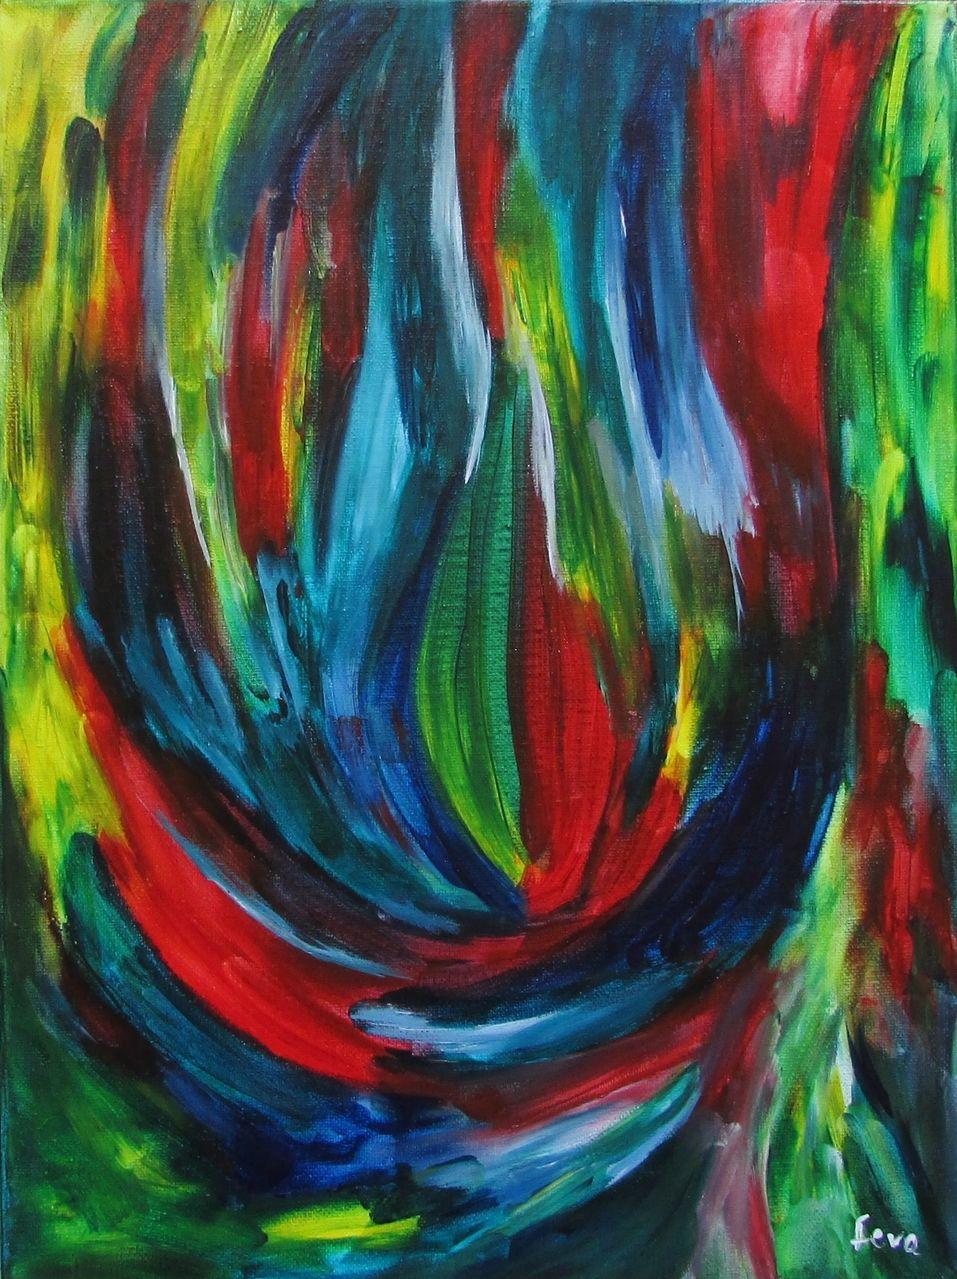 Bild: Farben, Zeitgenössische malerei, Moderne kunst, Abstrakt von ...